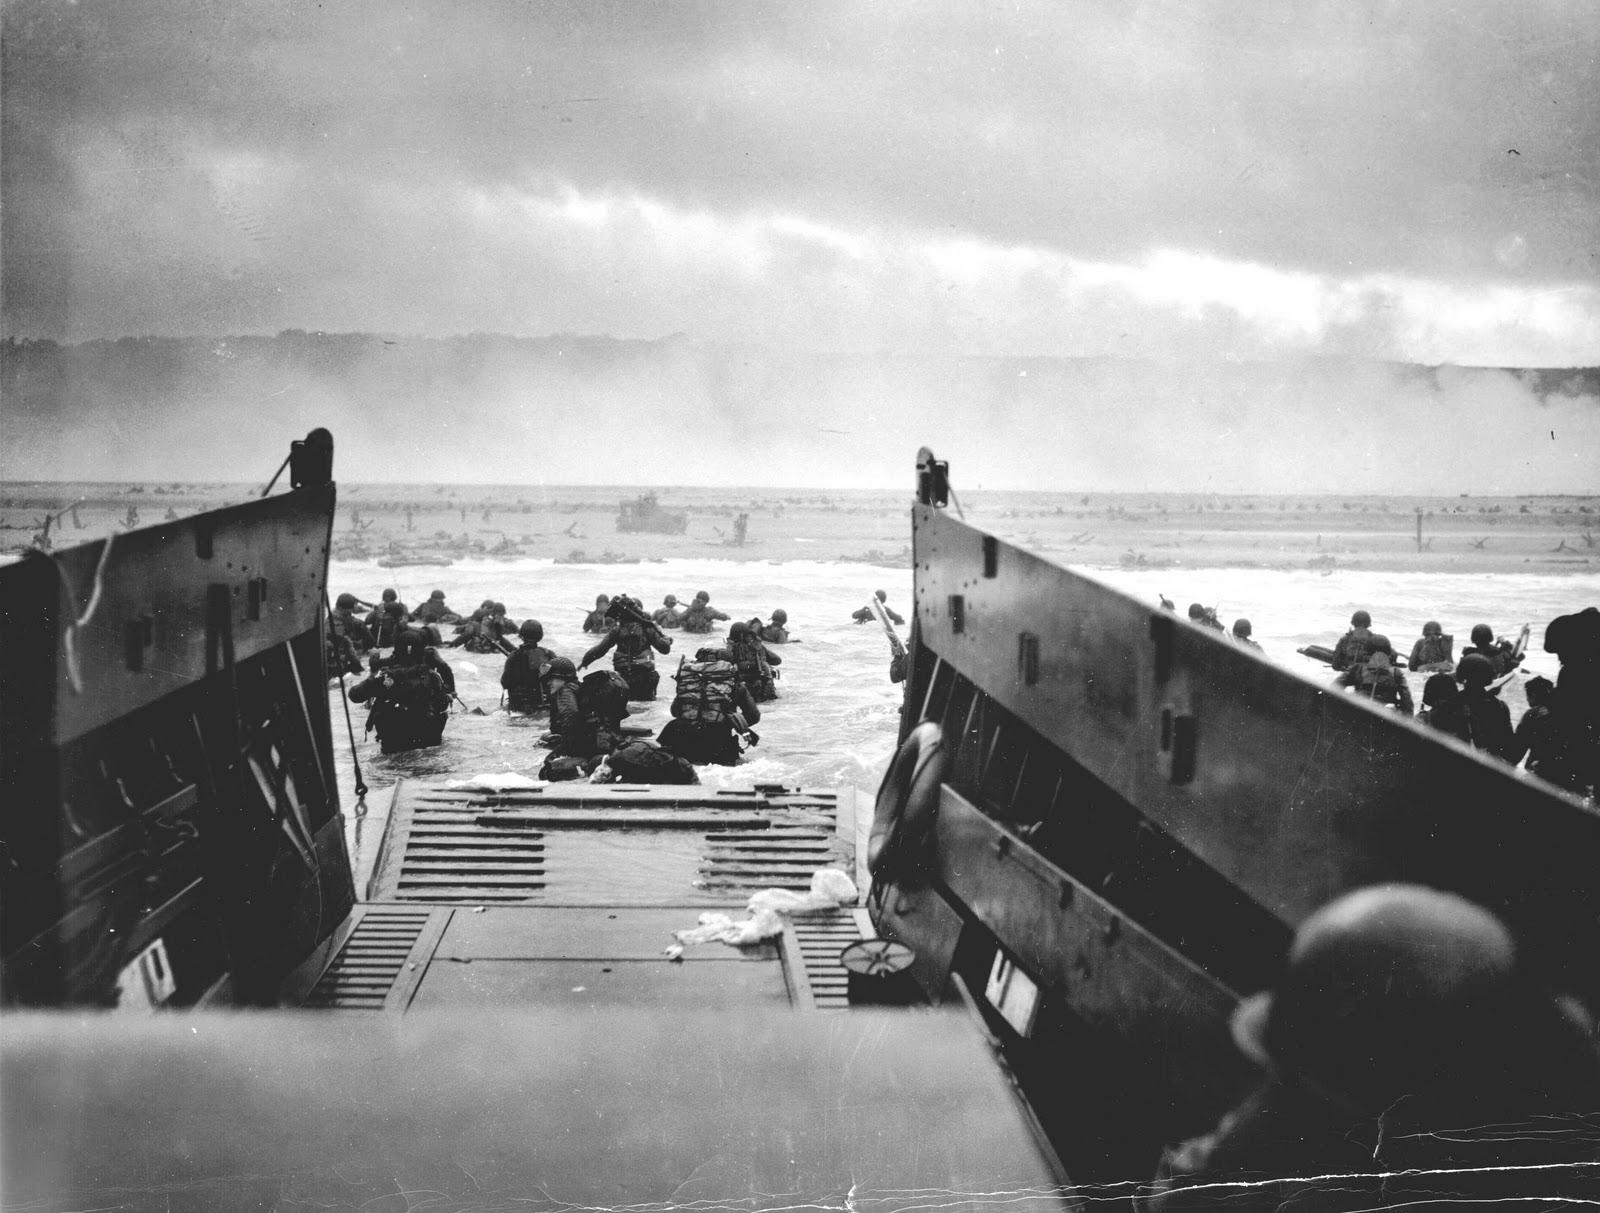 http://3.bp.blogspot.com/_NdPl3casSVs/TOvWbVIu8BI/AAAAAAAAAn4/QBFkBBo23CI/s1600/1944_NormandyLST.jpg